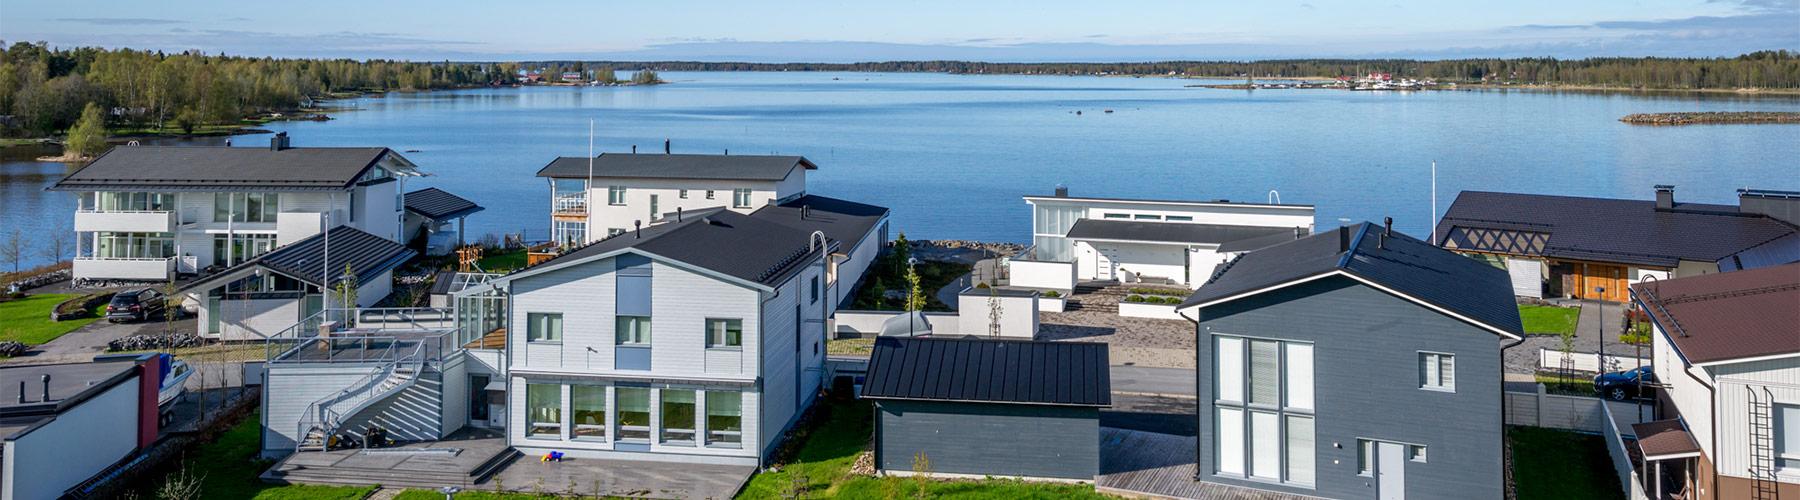 myytävät asunnot riihimäki Tampere